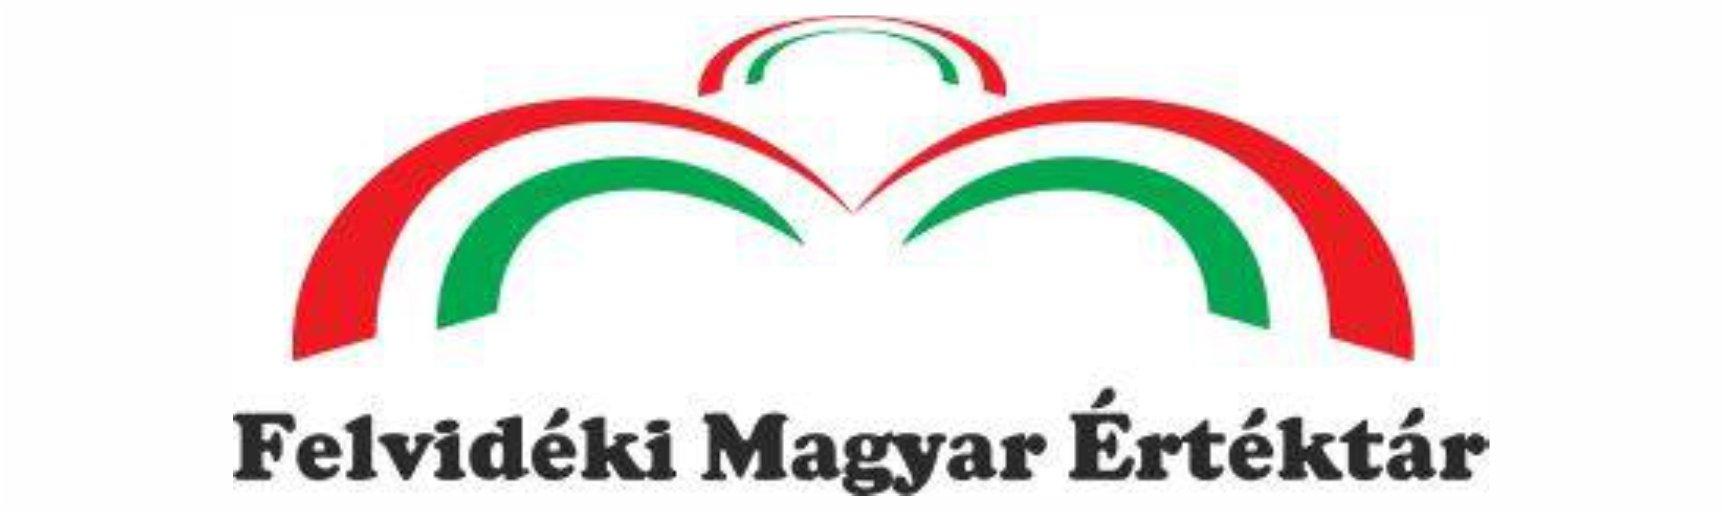 ertektar-logo